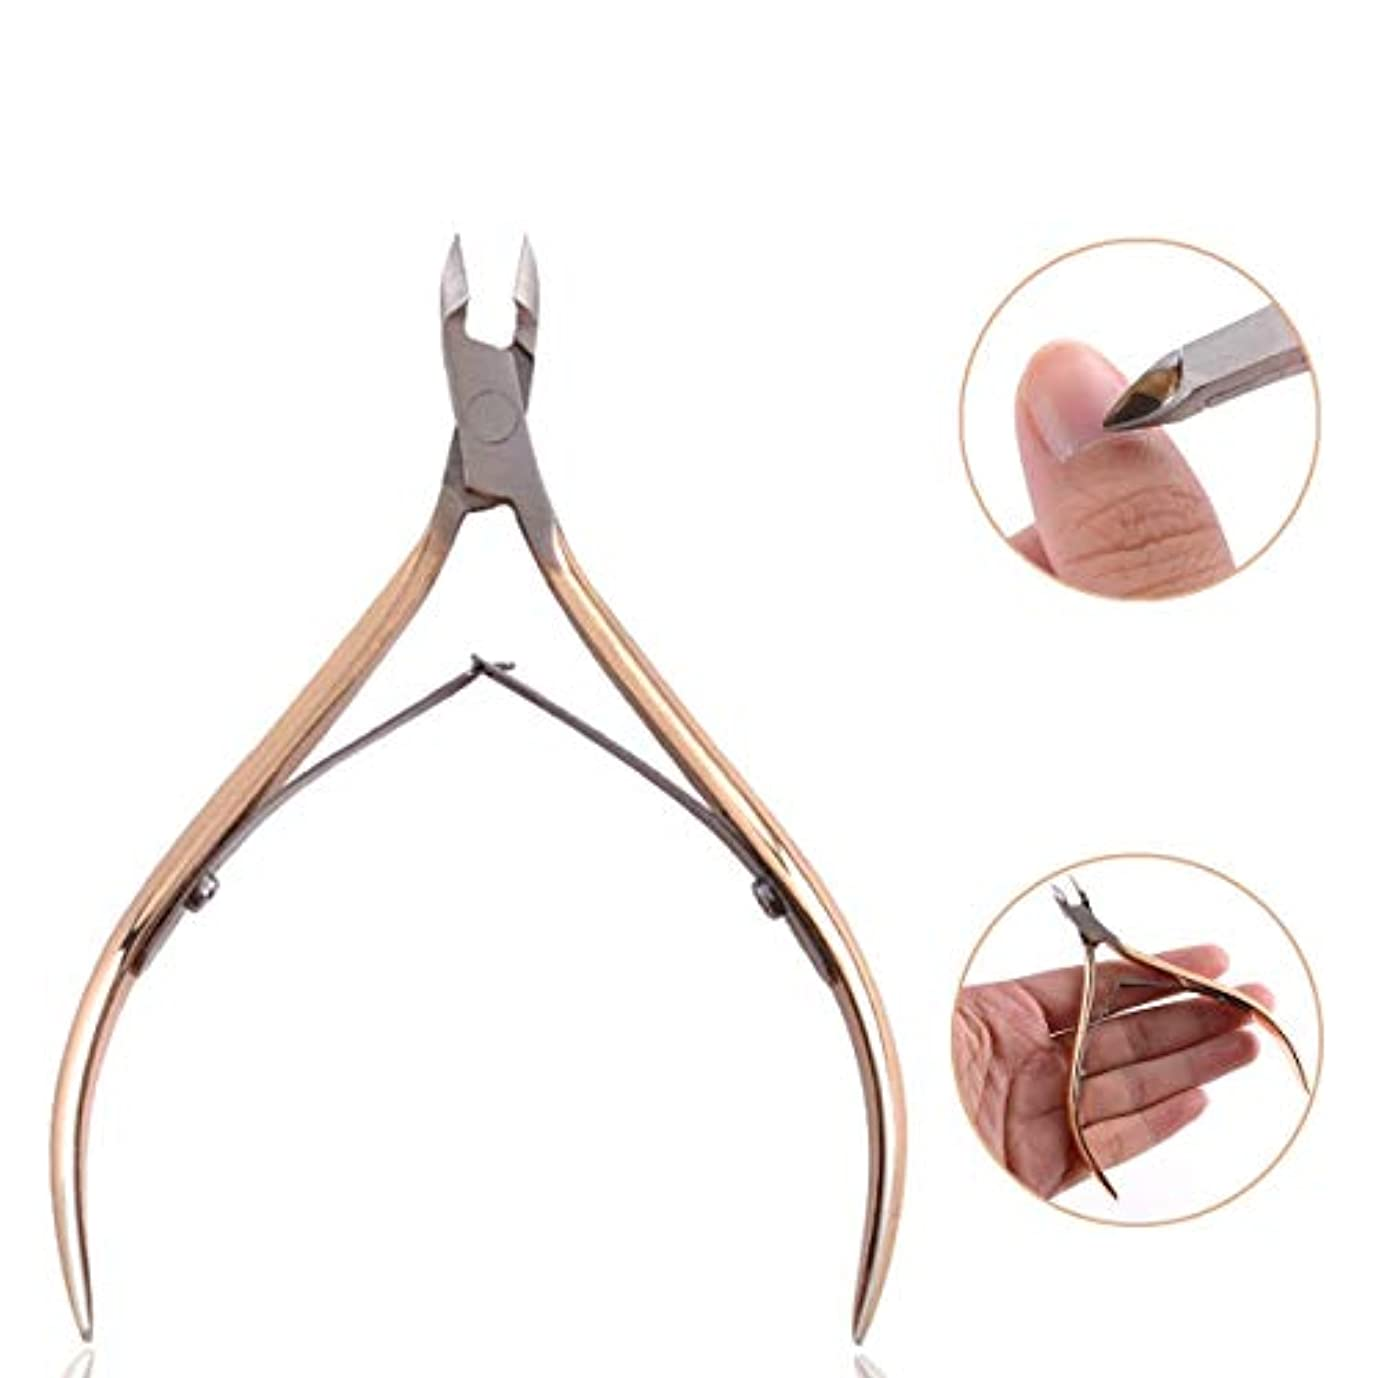 ハッチみすぼらしい囲いニッパー爪切り 爪切り 甘皮切り ステンレス製 切れ味抜群 厚い爪 変形爪 陥入爪 巻き爪に 水虫爪最適 高齢者 医療 介護 高品質 ギフト